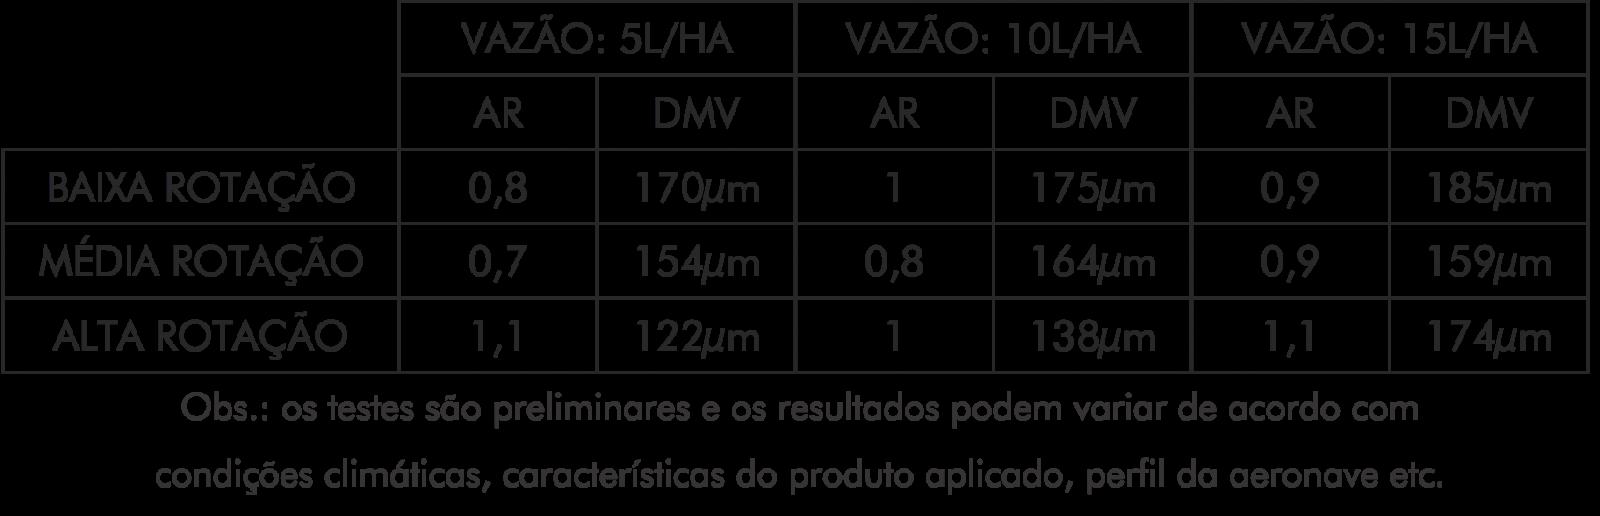 Rotativos Zanoni M14: testes indicam alto nível de qualidade na aplicação